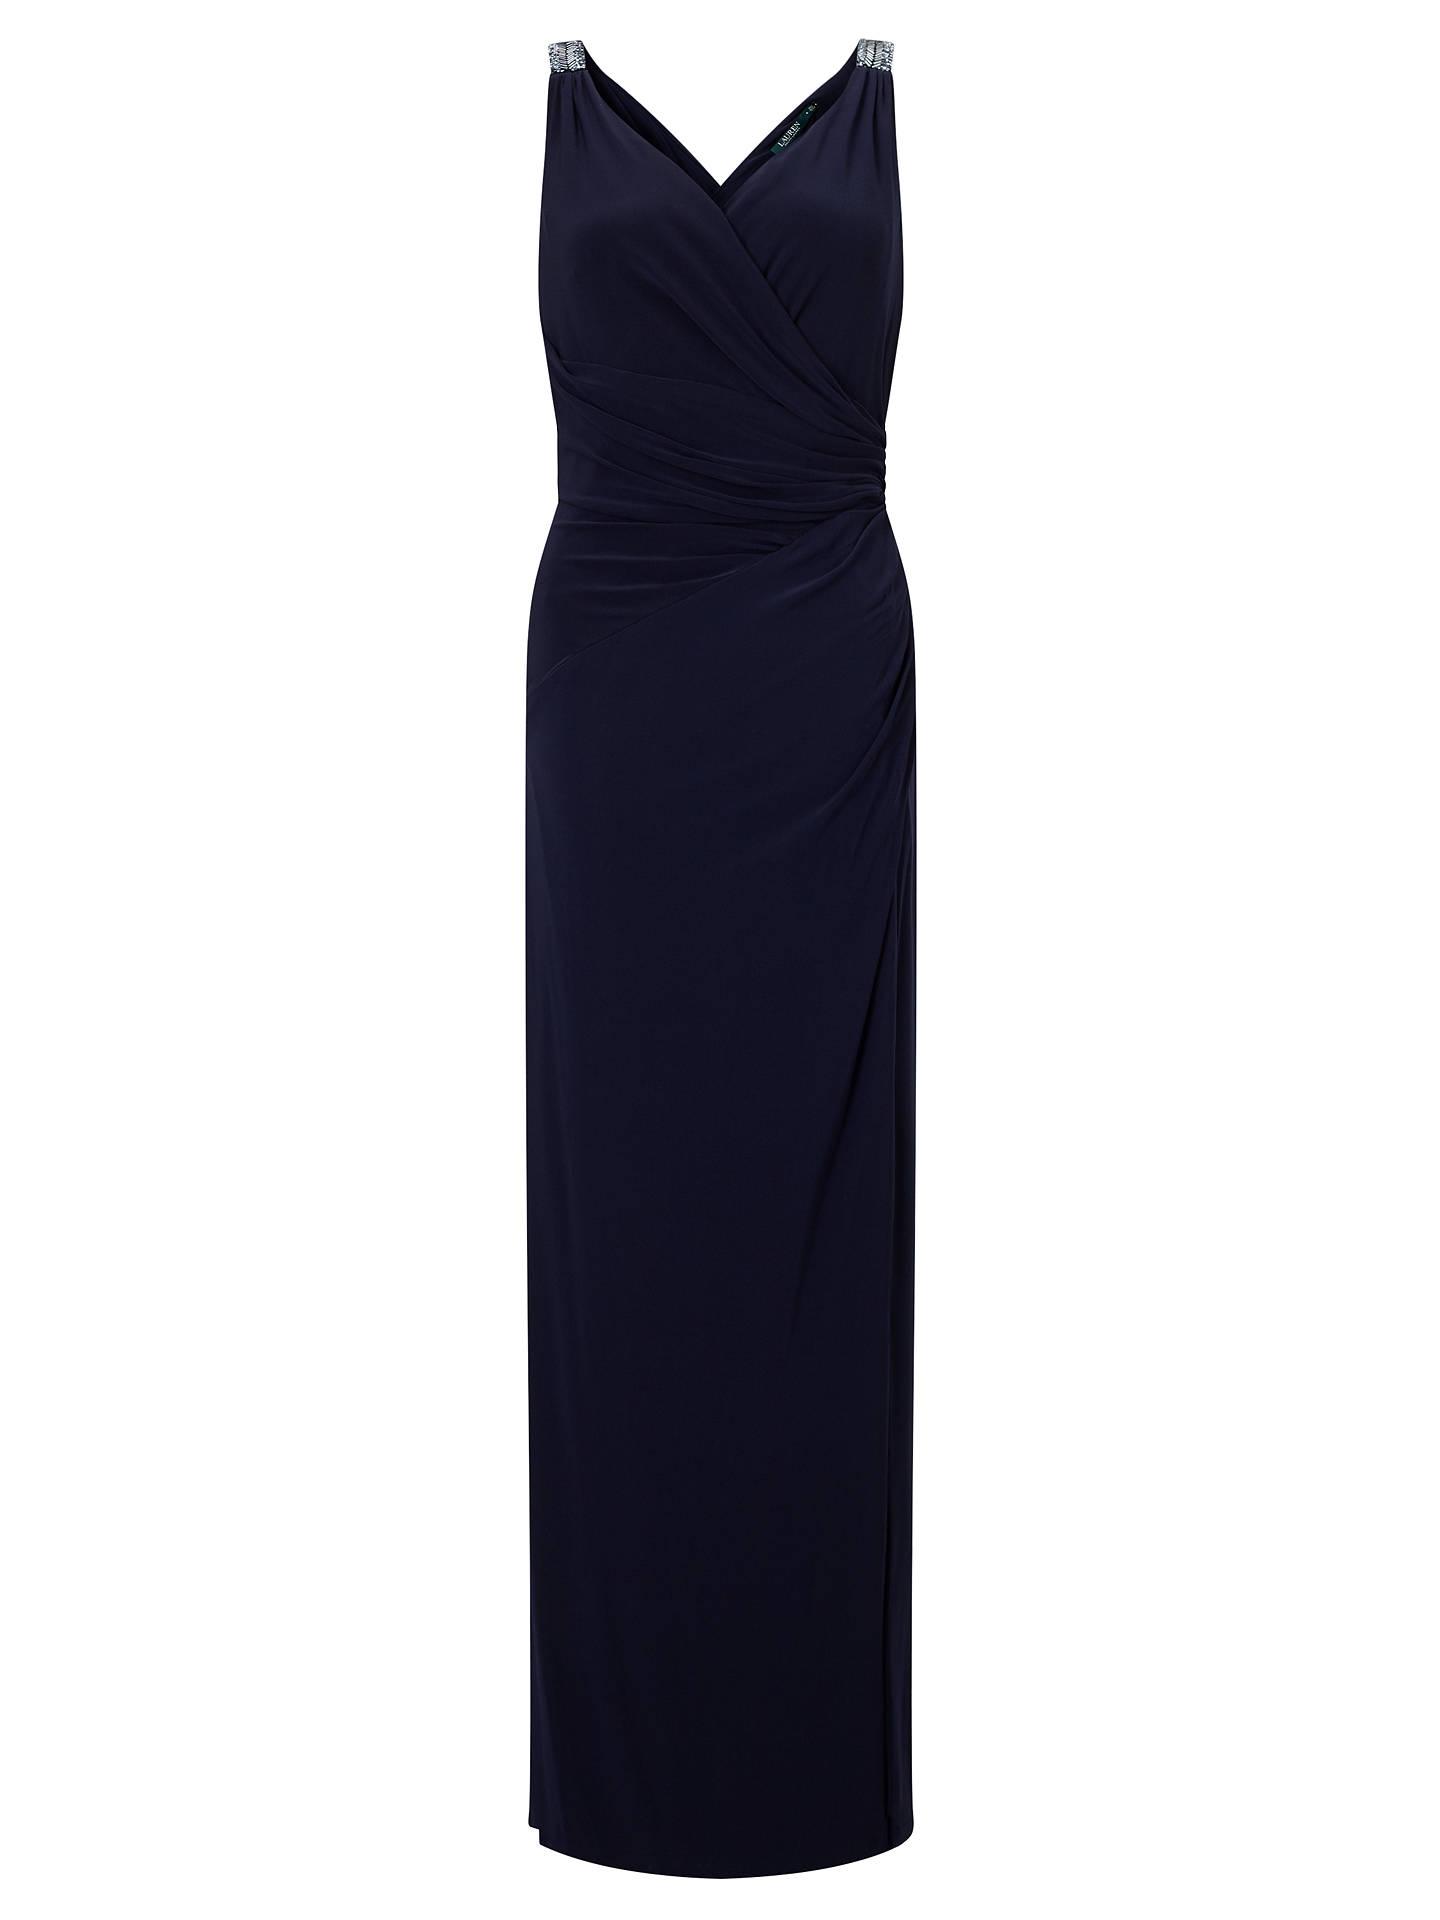 Lauren Ralph Beaded Jersey Dress Lighthouse Navy 8 Online At Johnlewis